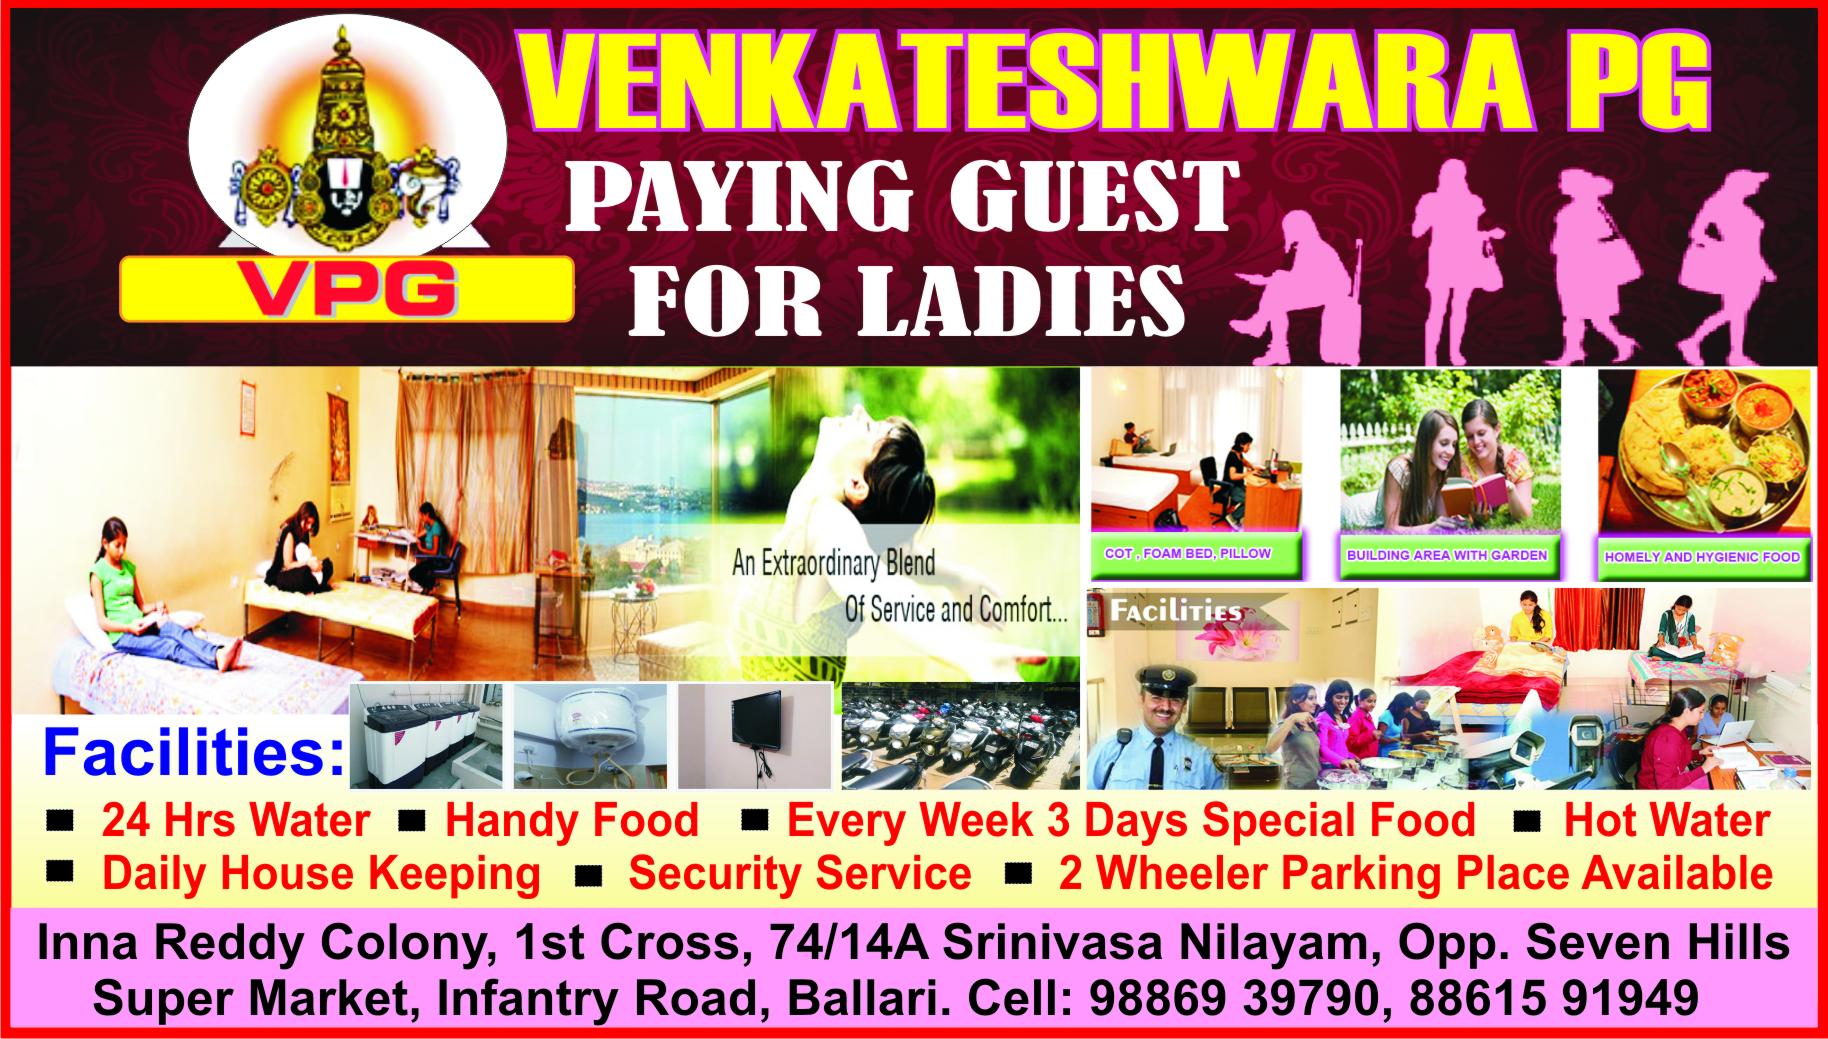 Venkateshwara PG